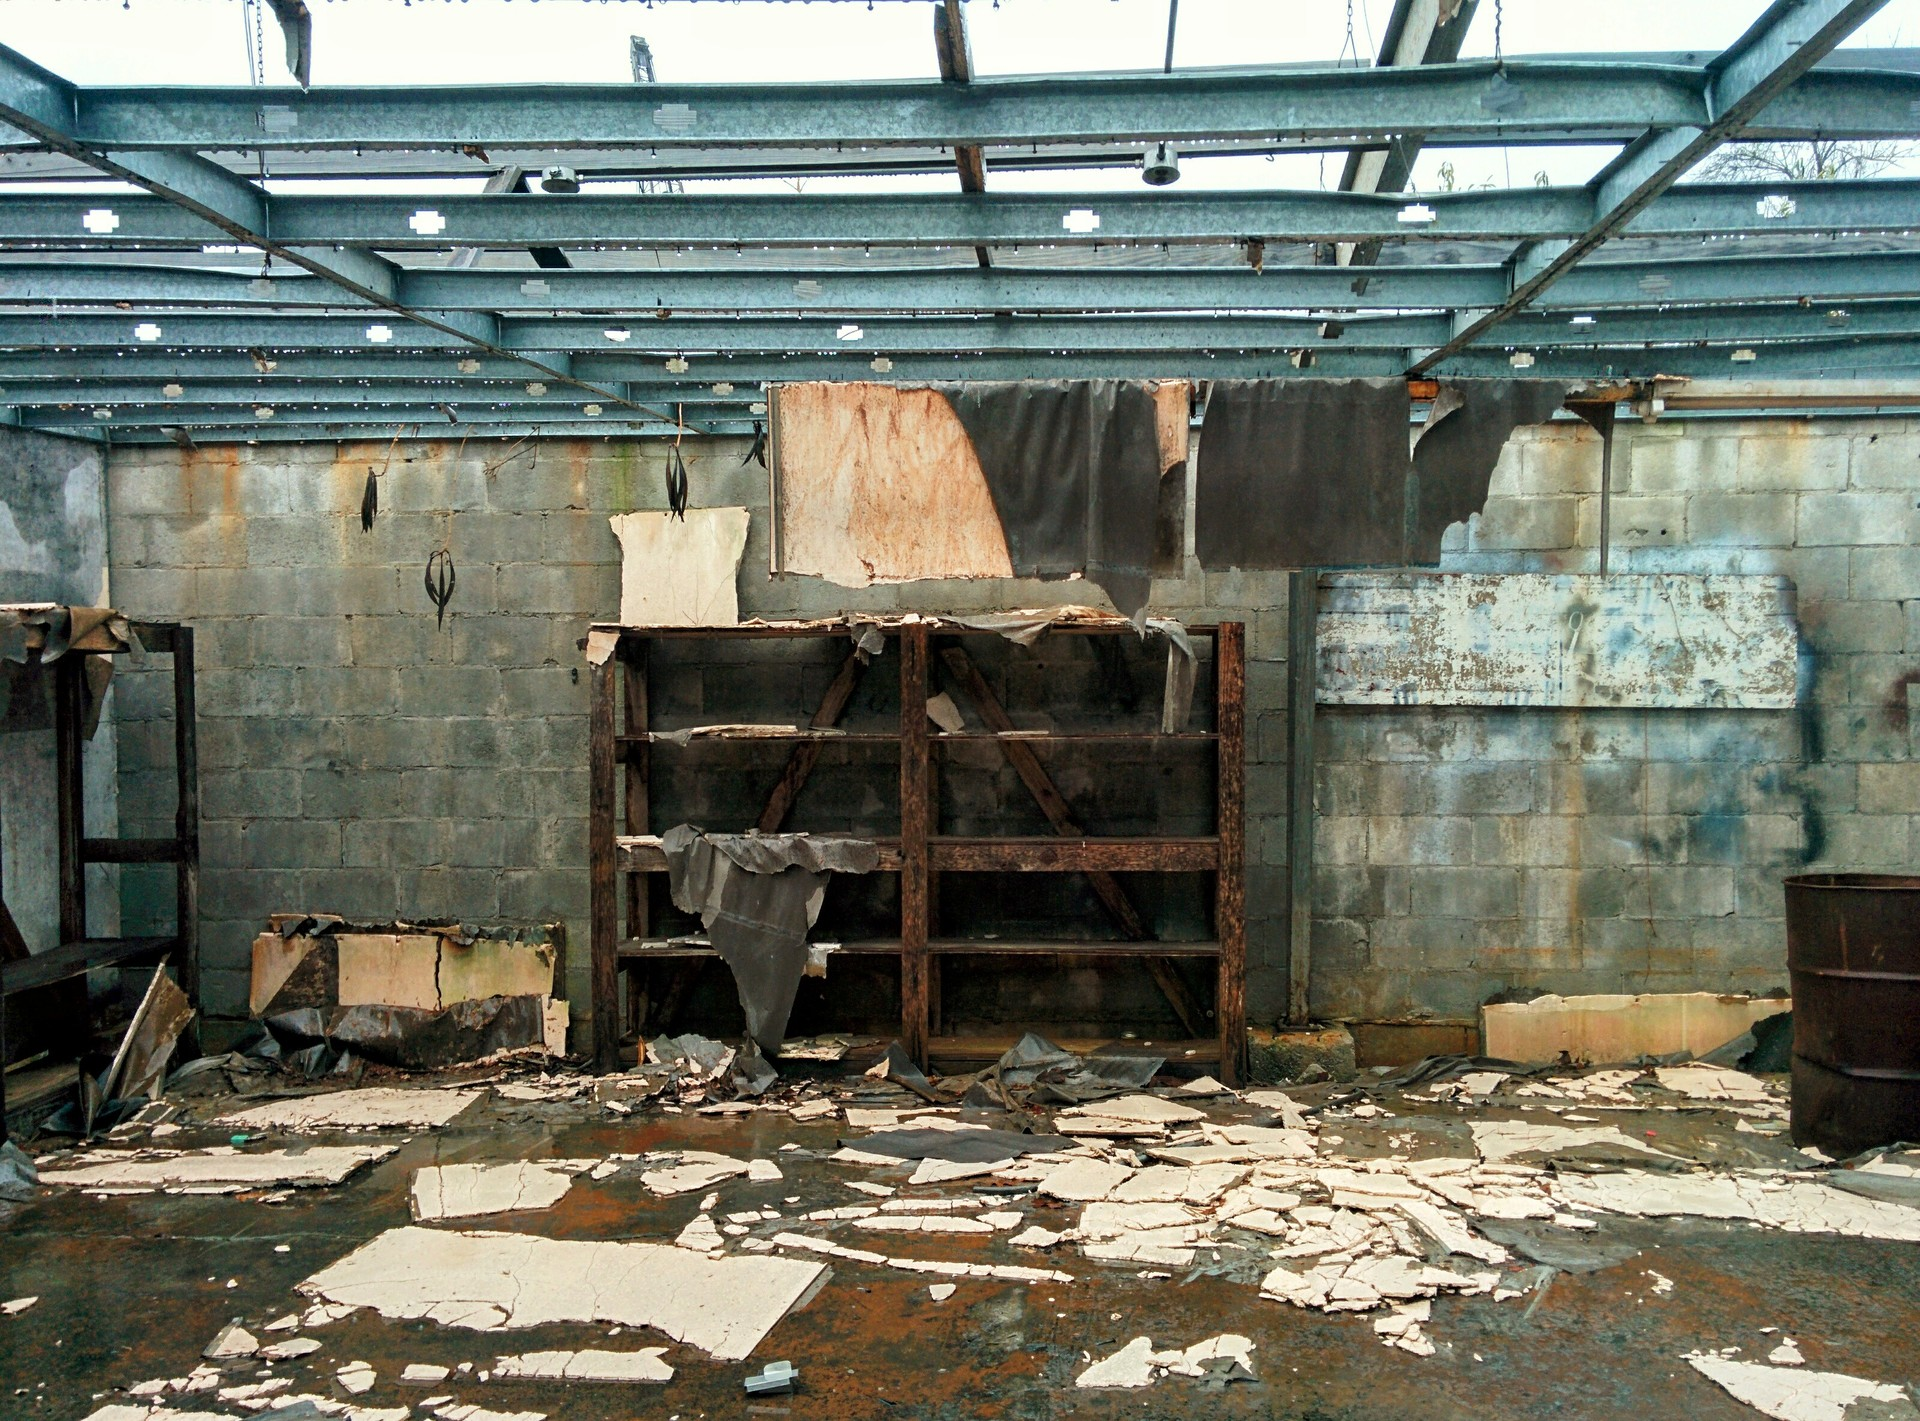 trashed building | jrcastine, abandoned, danger, destruction